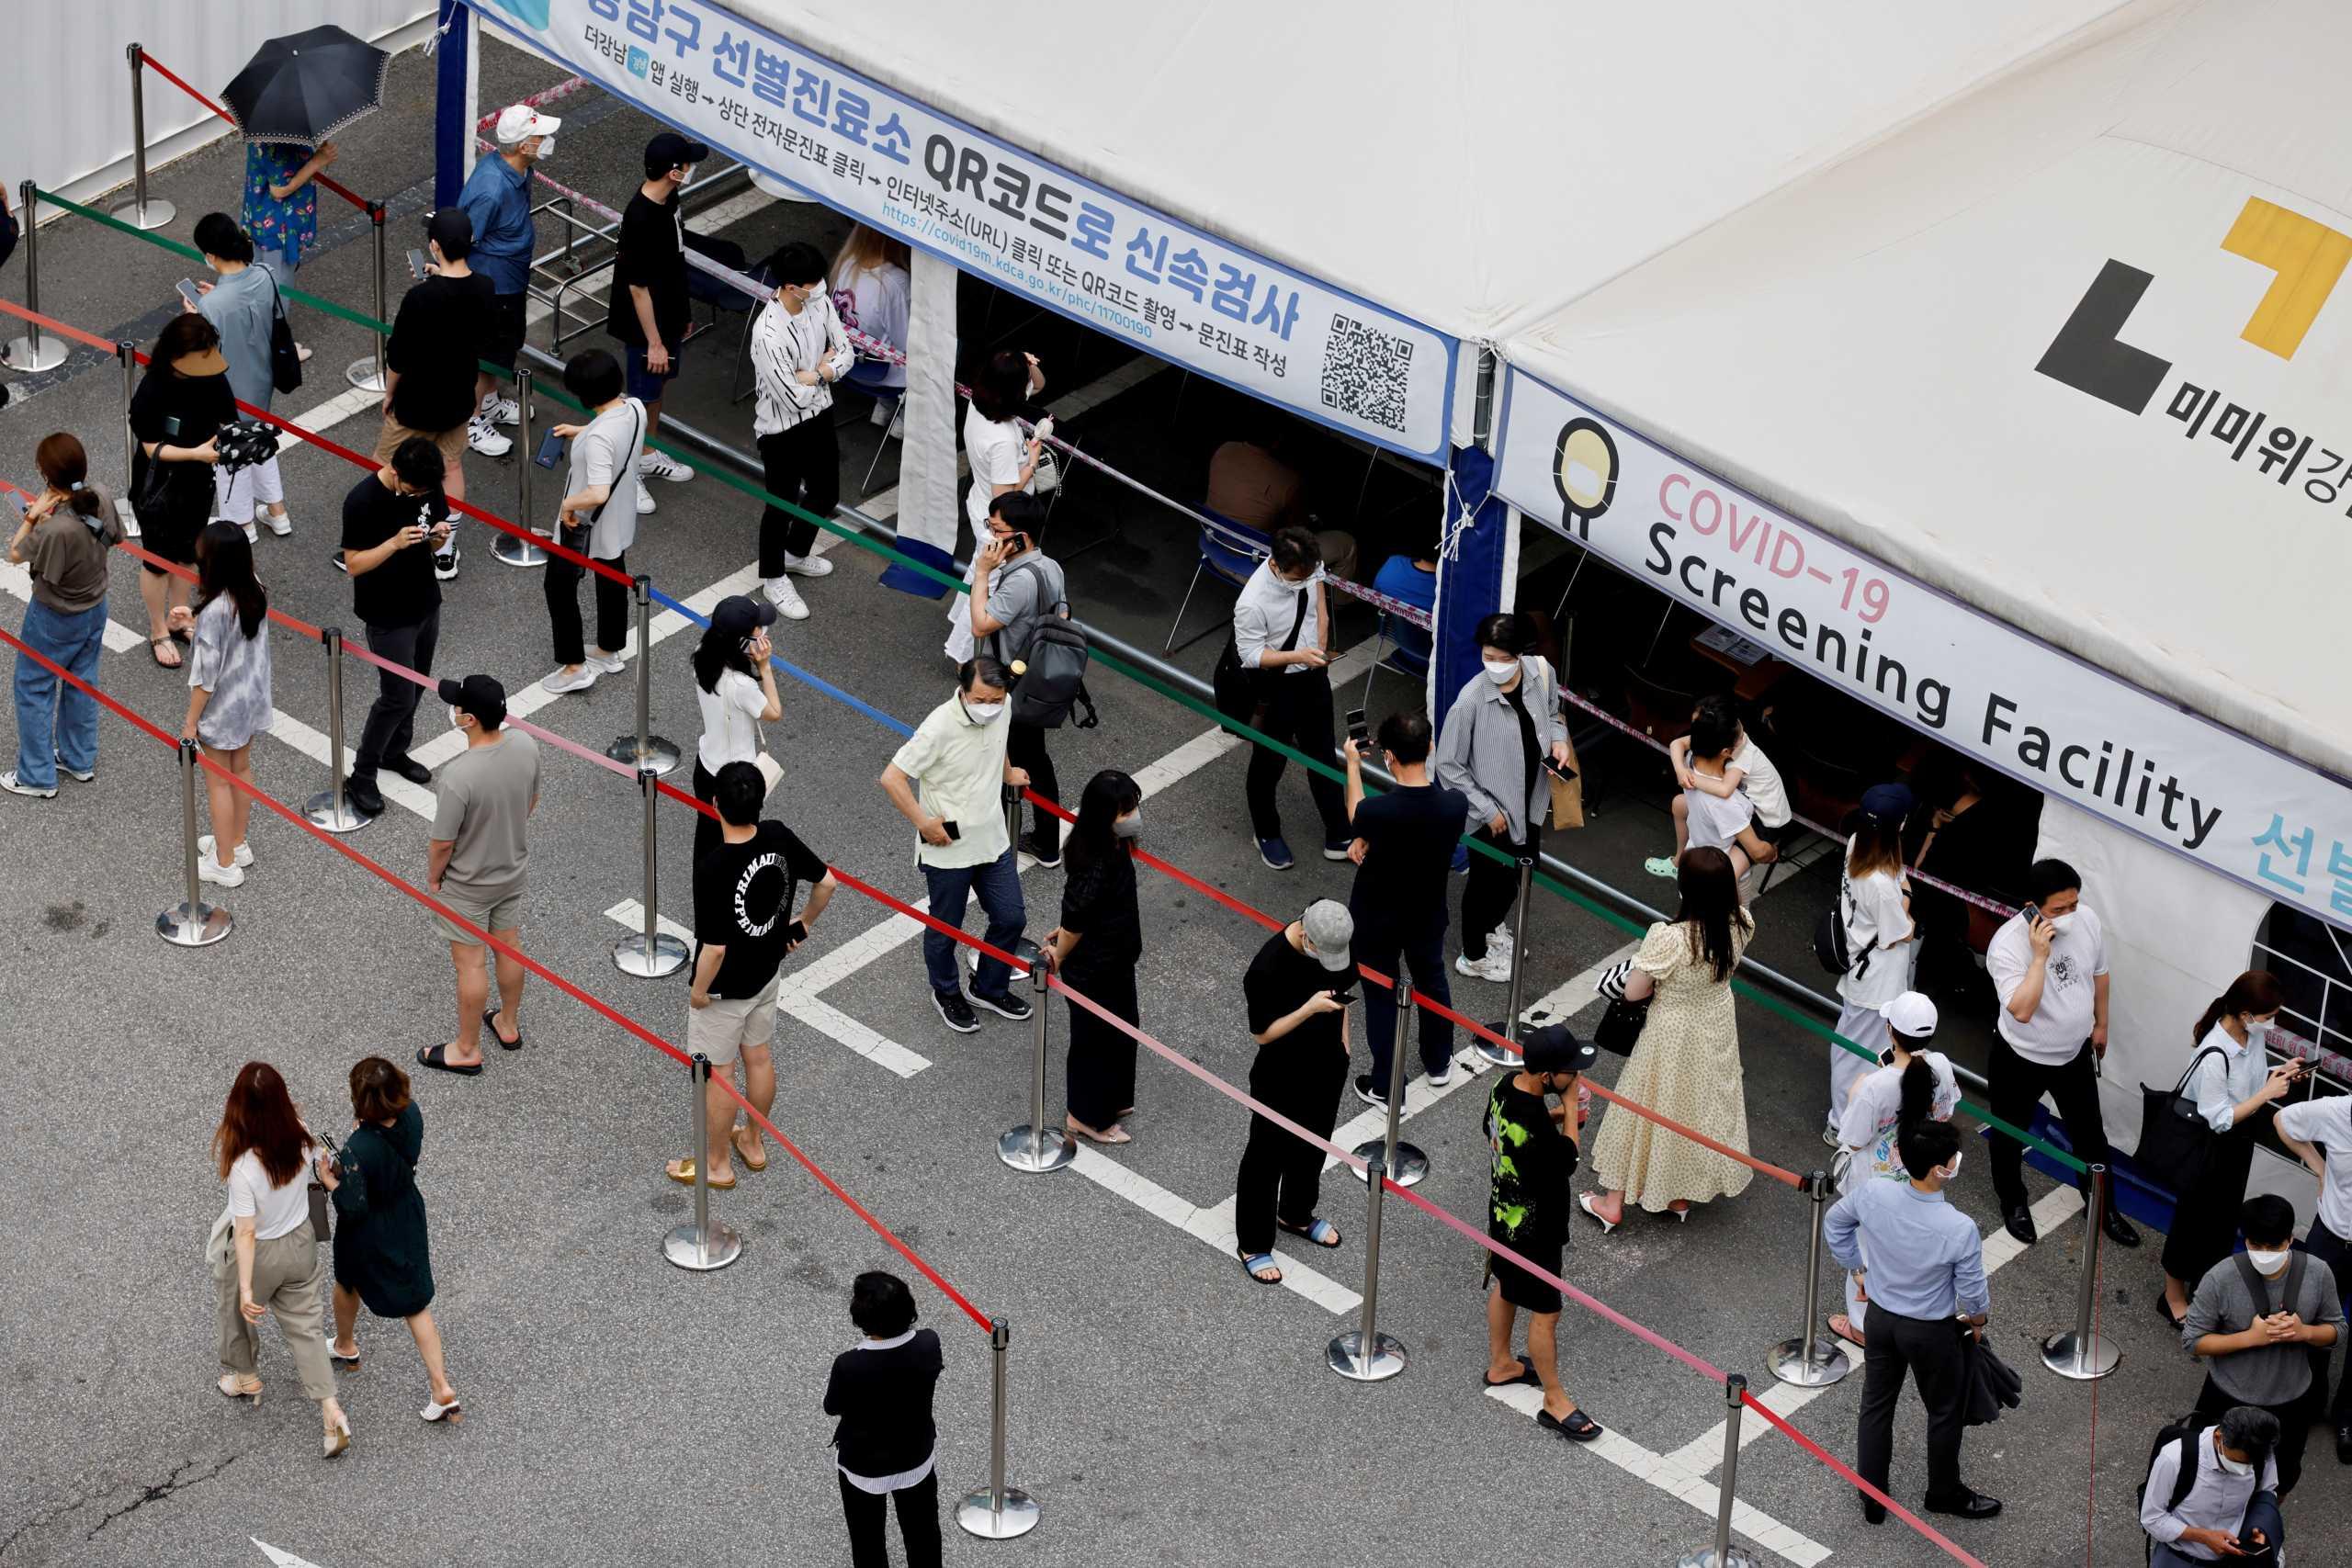 Νότια Κορέα: Ξεκινά ο εμβολιασμός κατά του κορονοϊού για όλους τους πολίτες άνω των 18